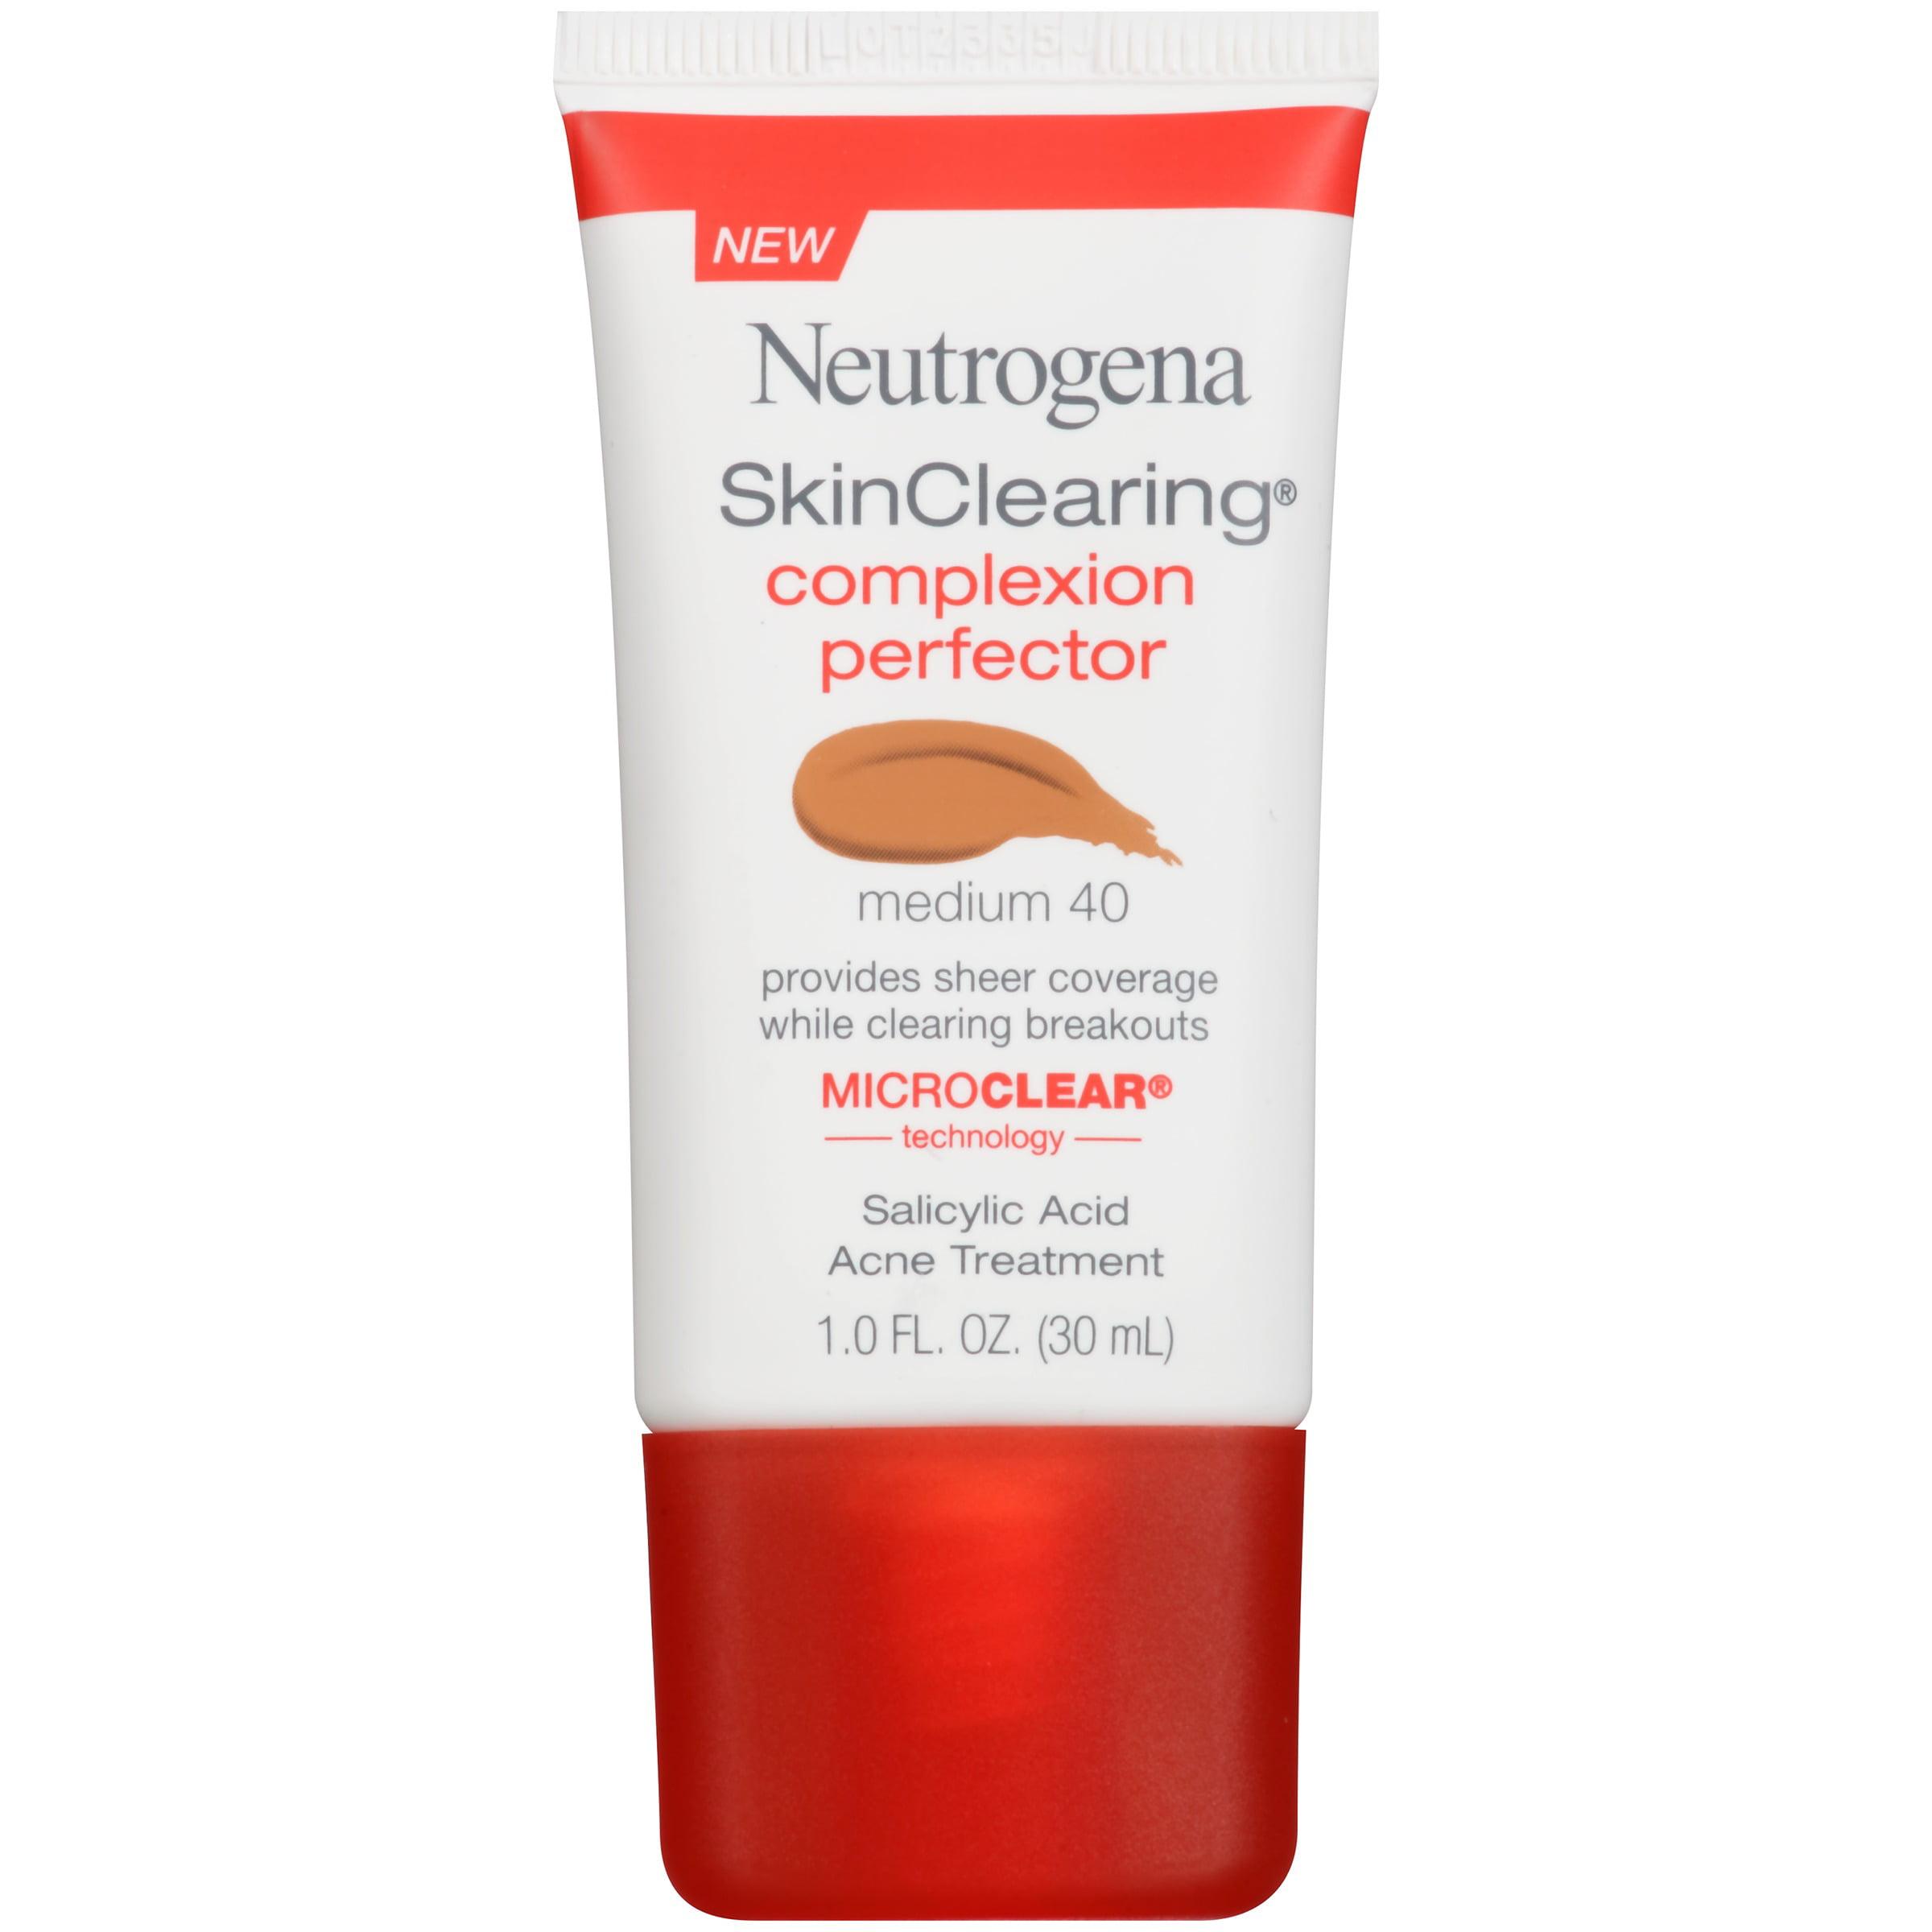 Maquillaje Para Ojos Perfeccionador de tez Neutrogena Skinclearing, mediana 1 FL. Oz + Neutrogena en Veo y Compro